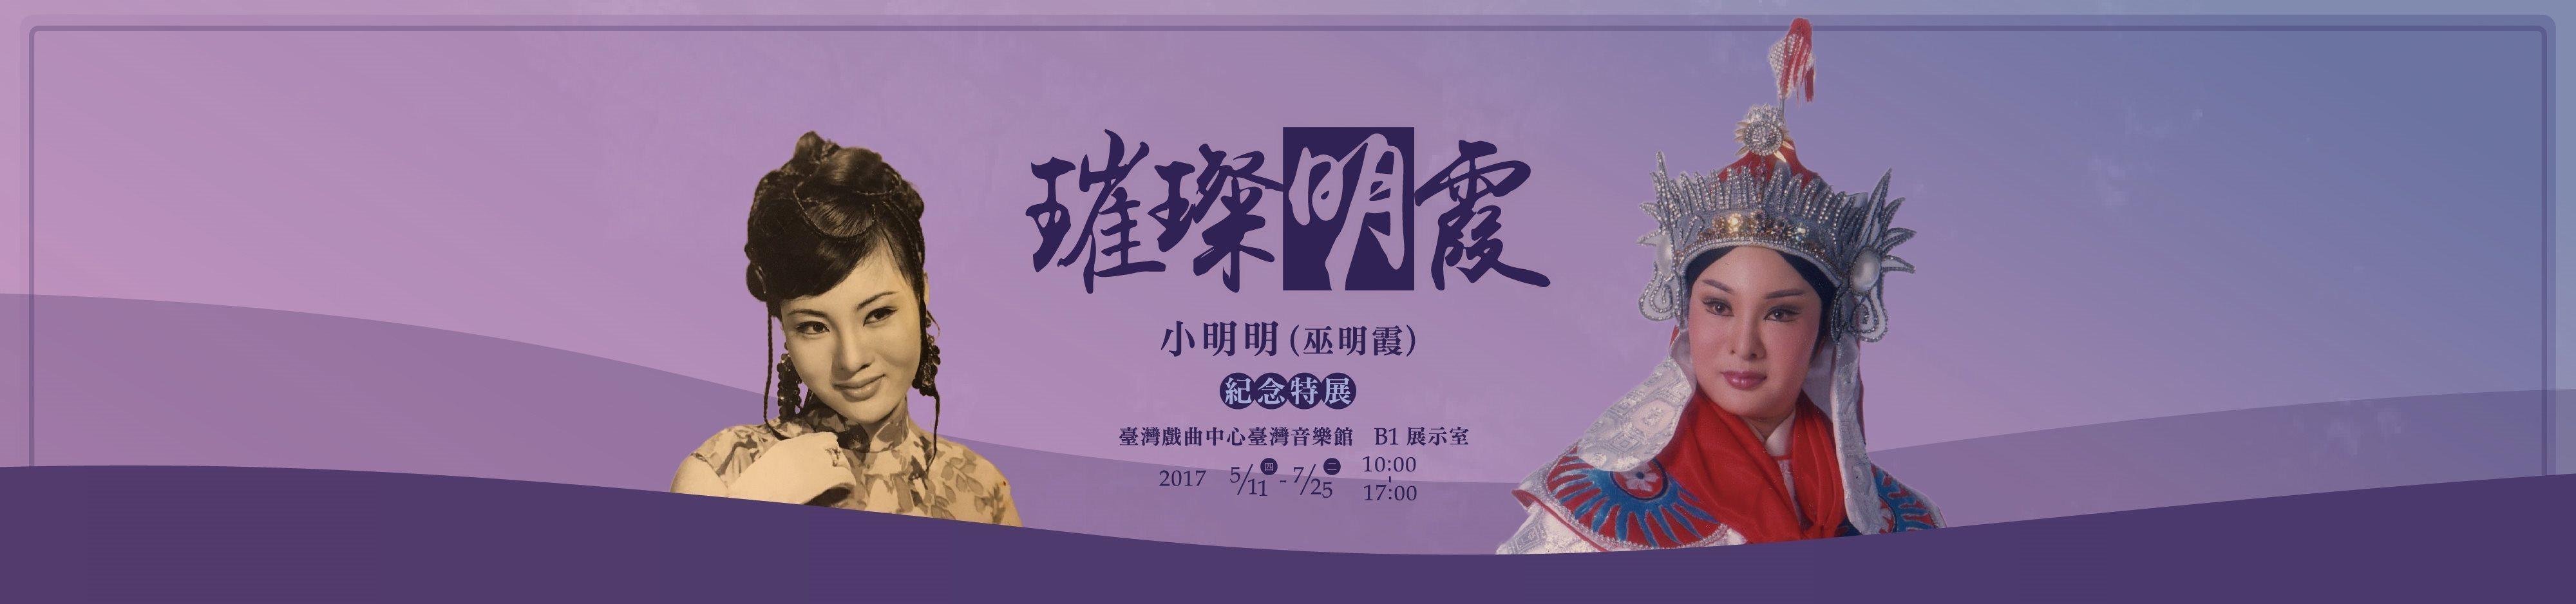 「璀璨明霞—2017小明明(巫明霞)紀念特展」系列活動[另開新視窗]